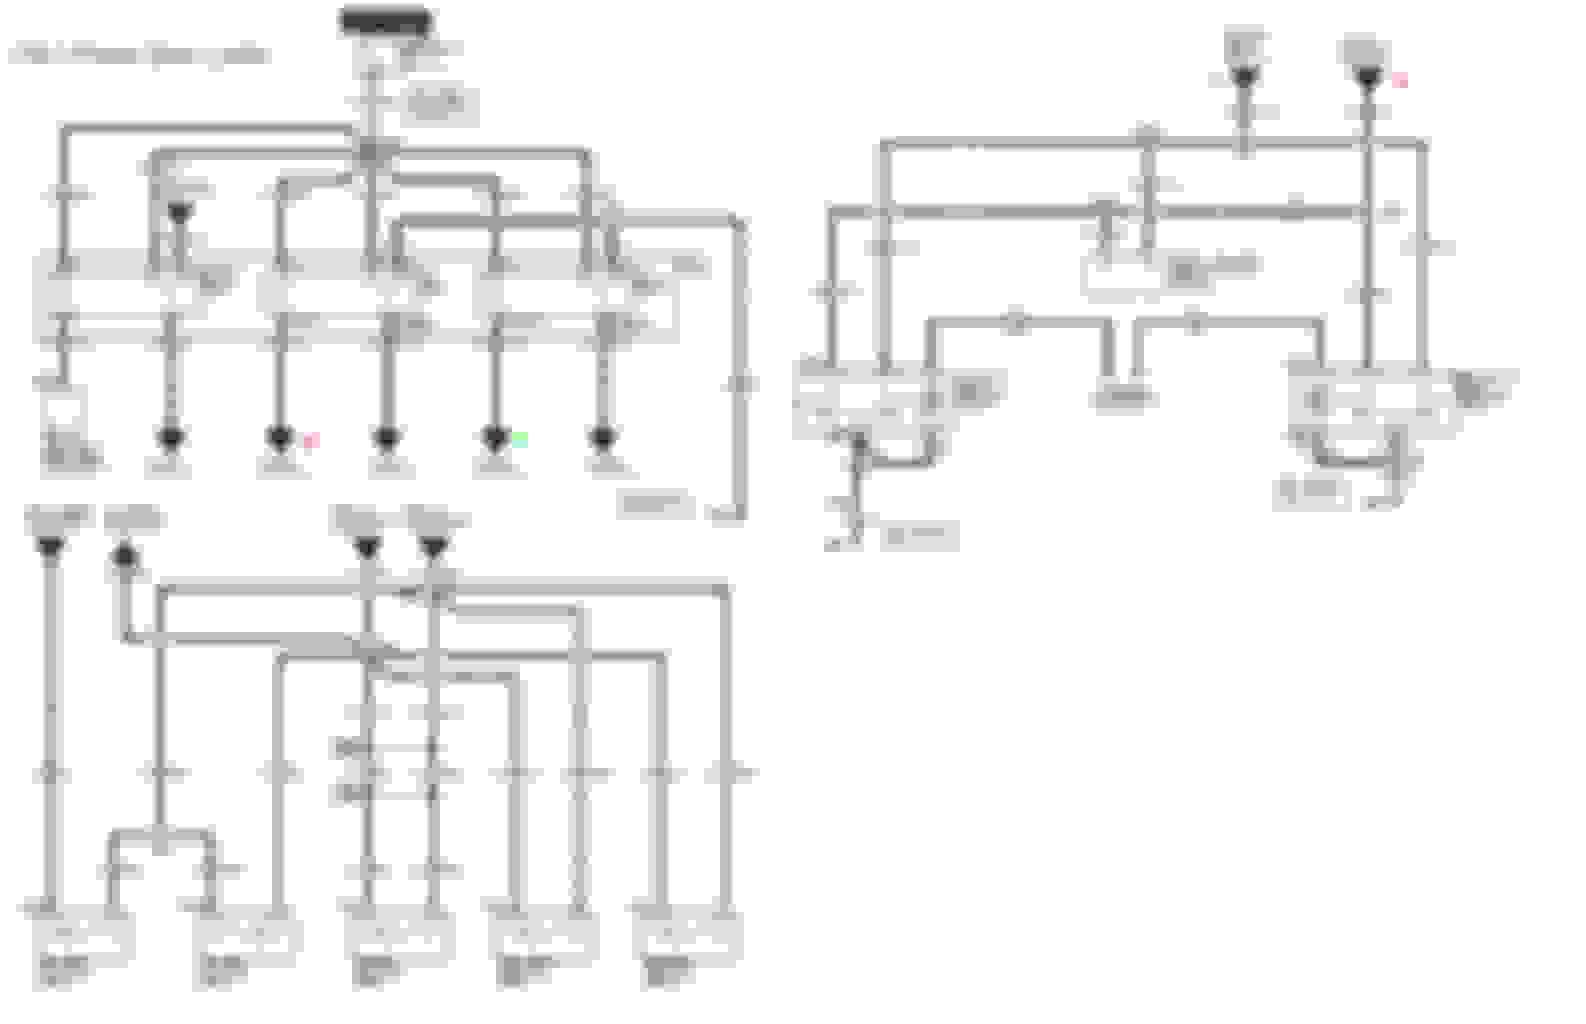 Pin Relay Wiring Diagram Also Power Door Lock Relay Wiring Diagram